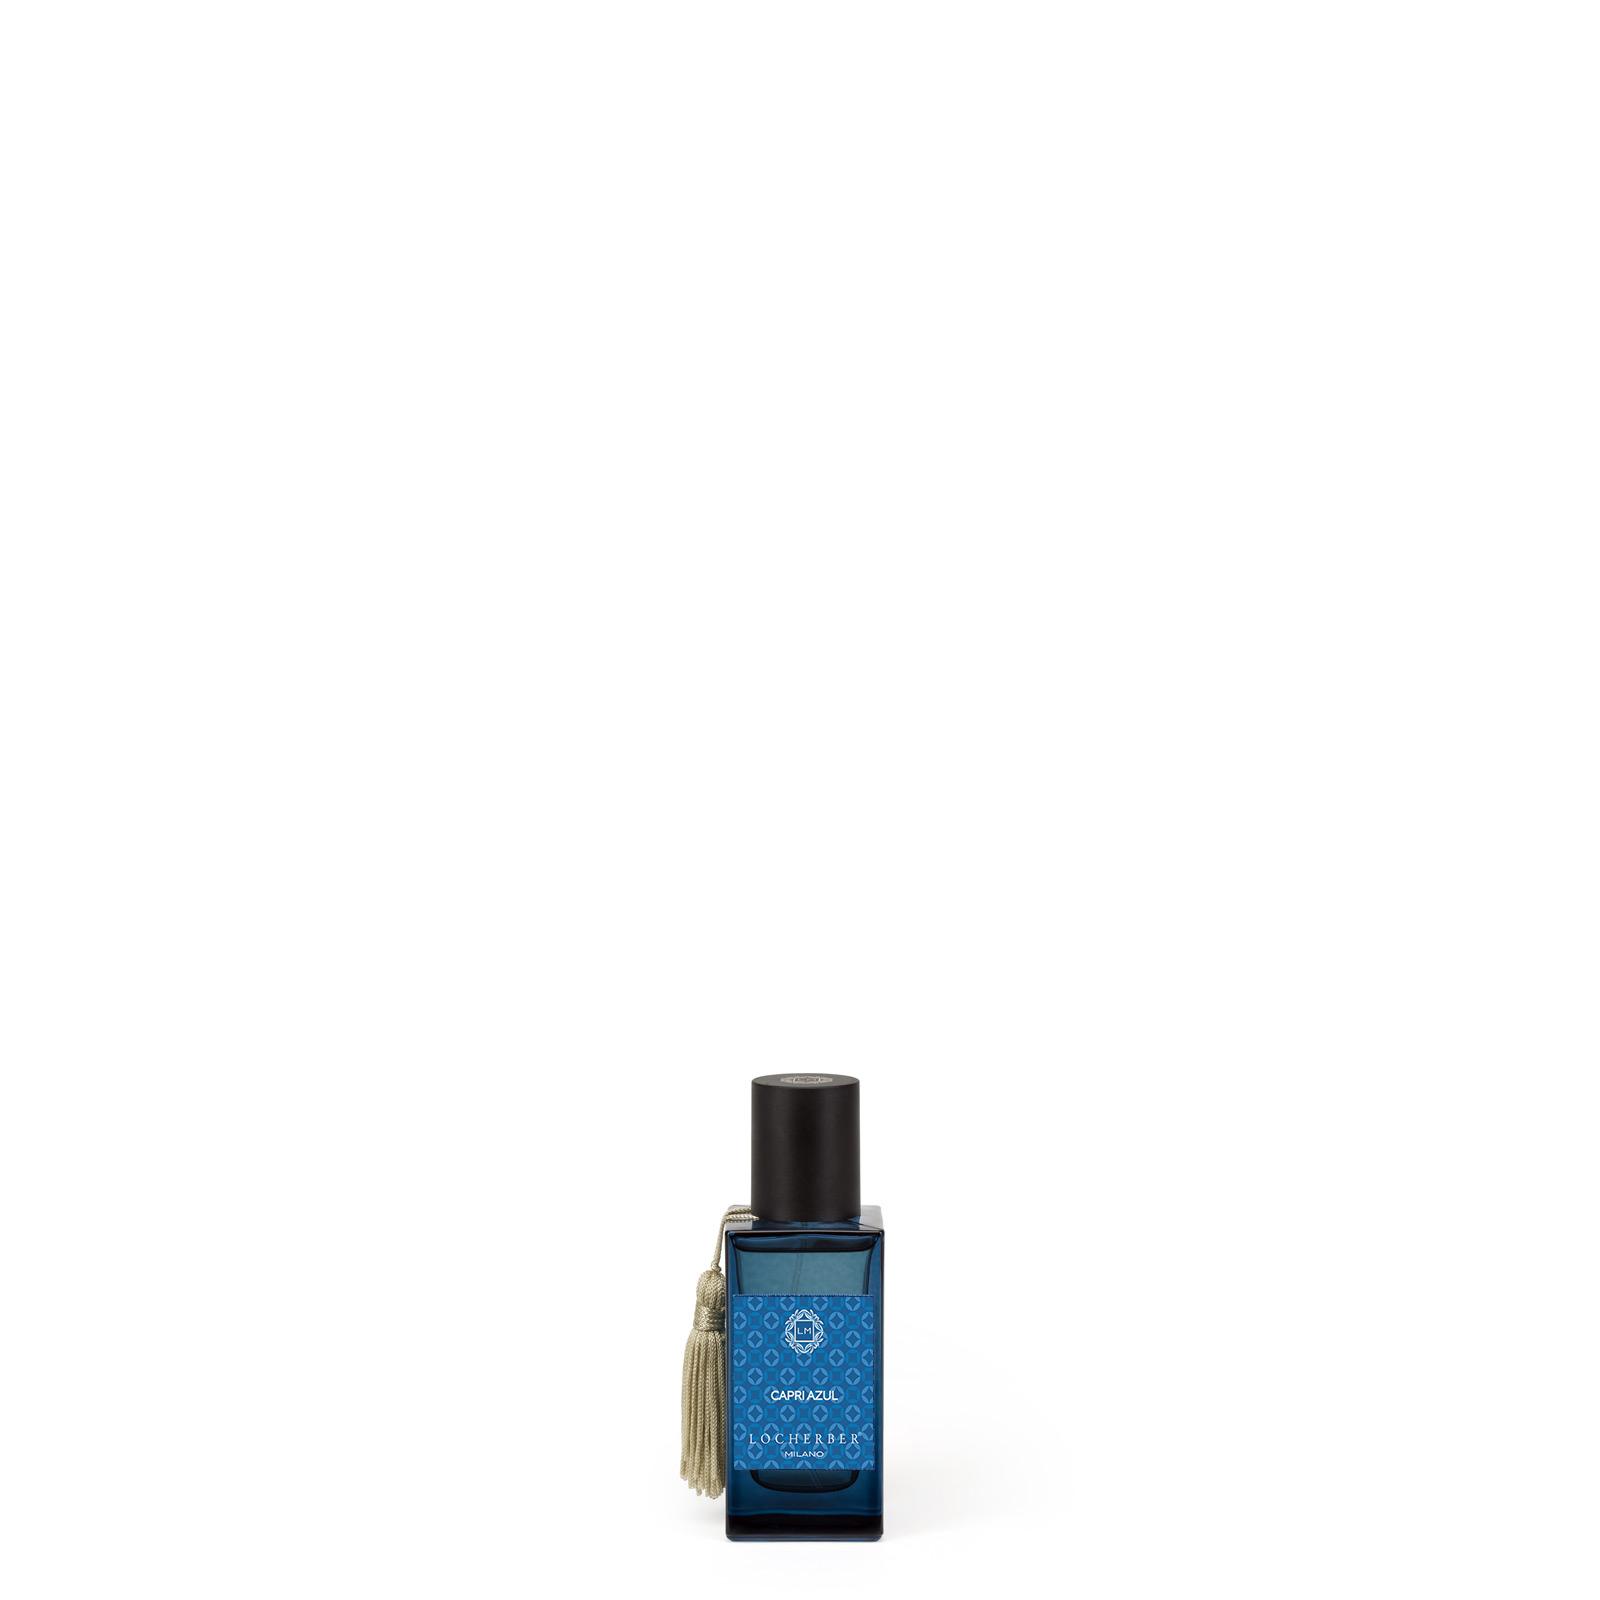 Locherber Milano - Capri Azul - Eau de Parfum 50 ml